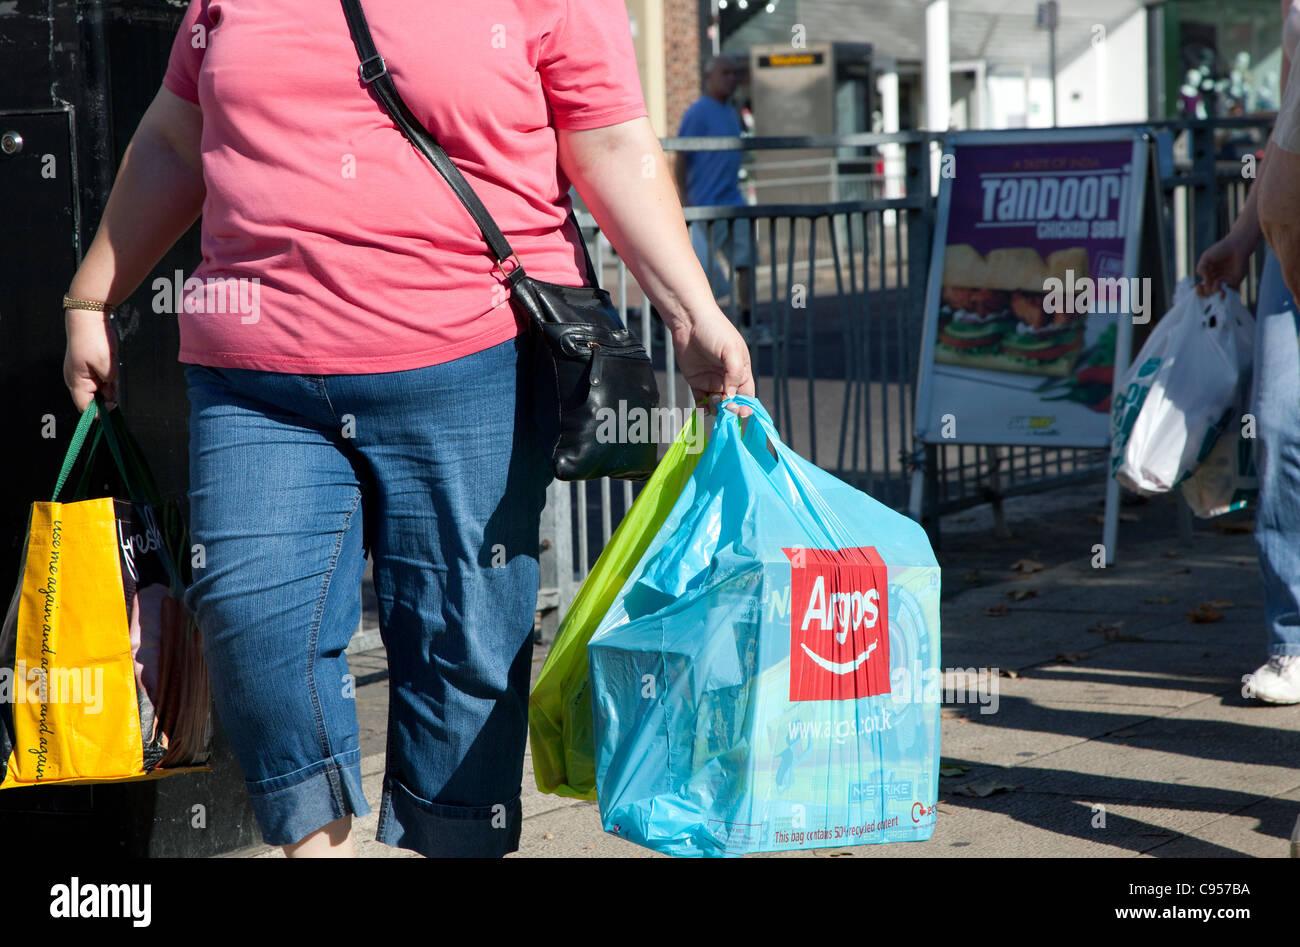 Las mujeres obesas en High Street, South East London Imagen De Stock